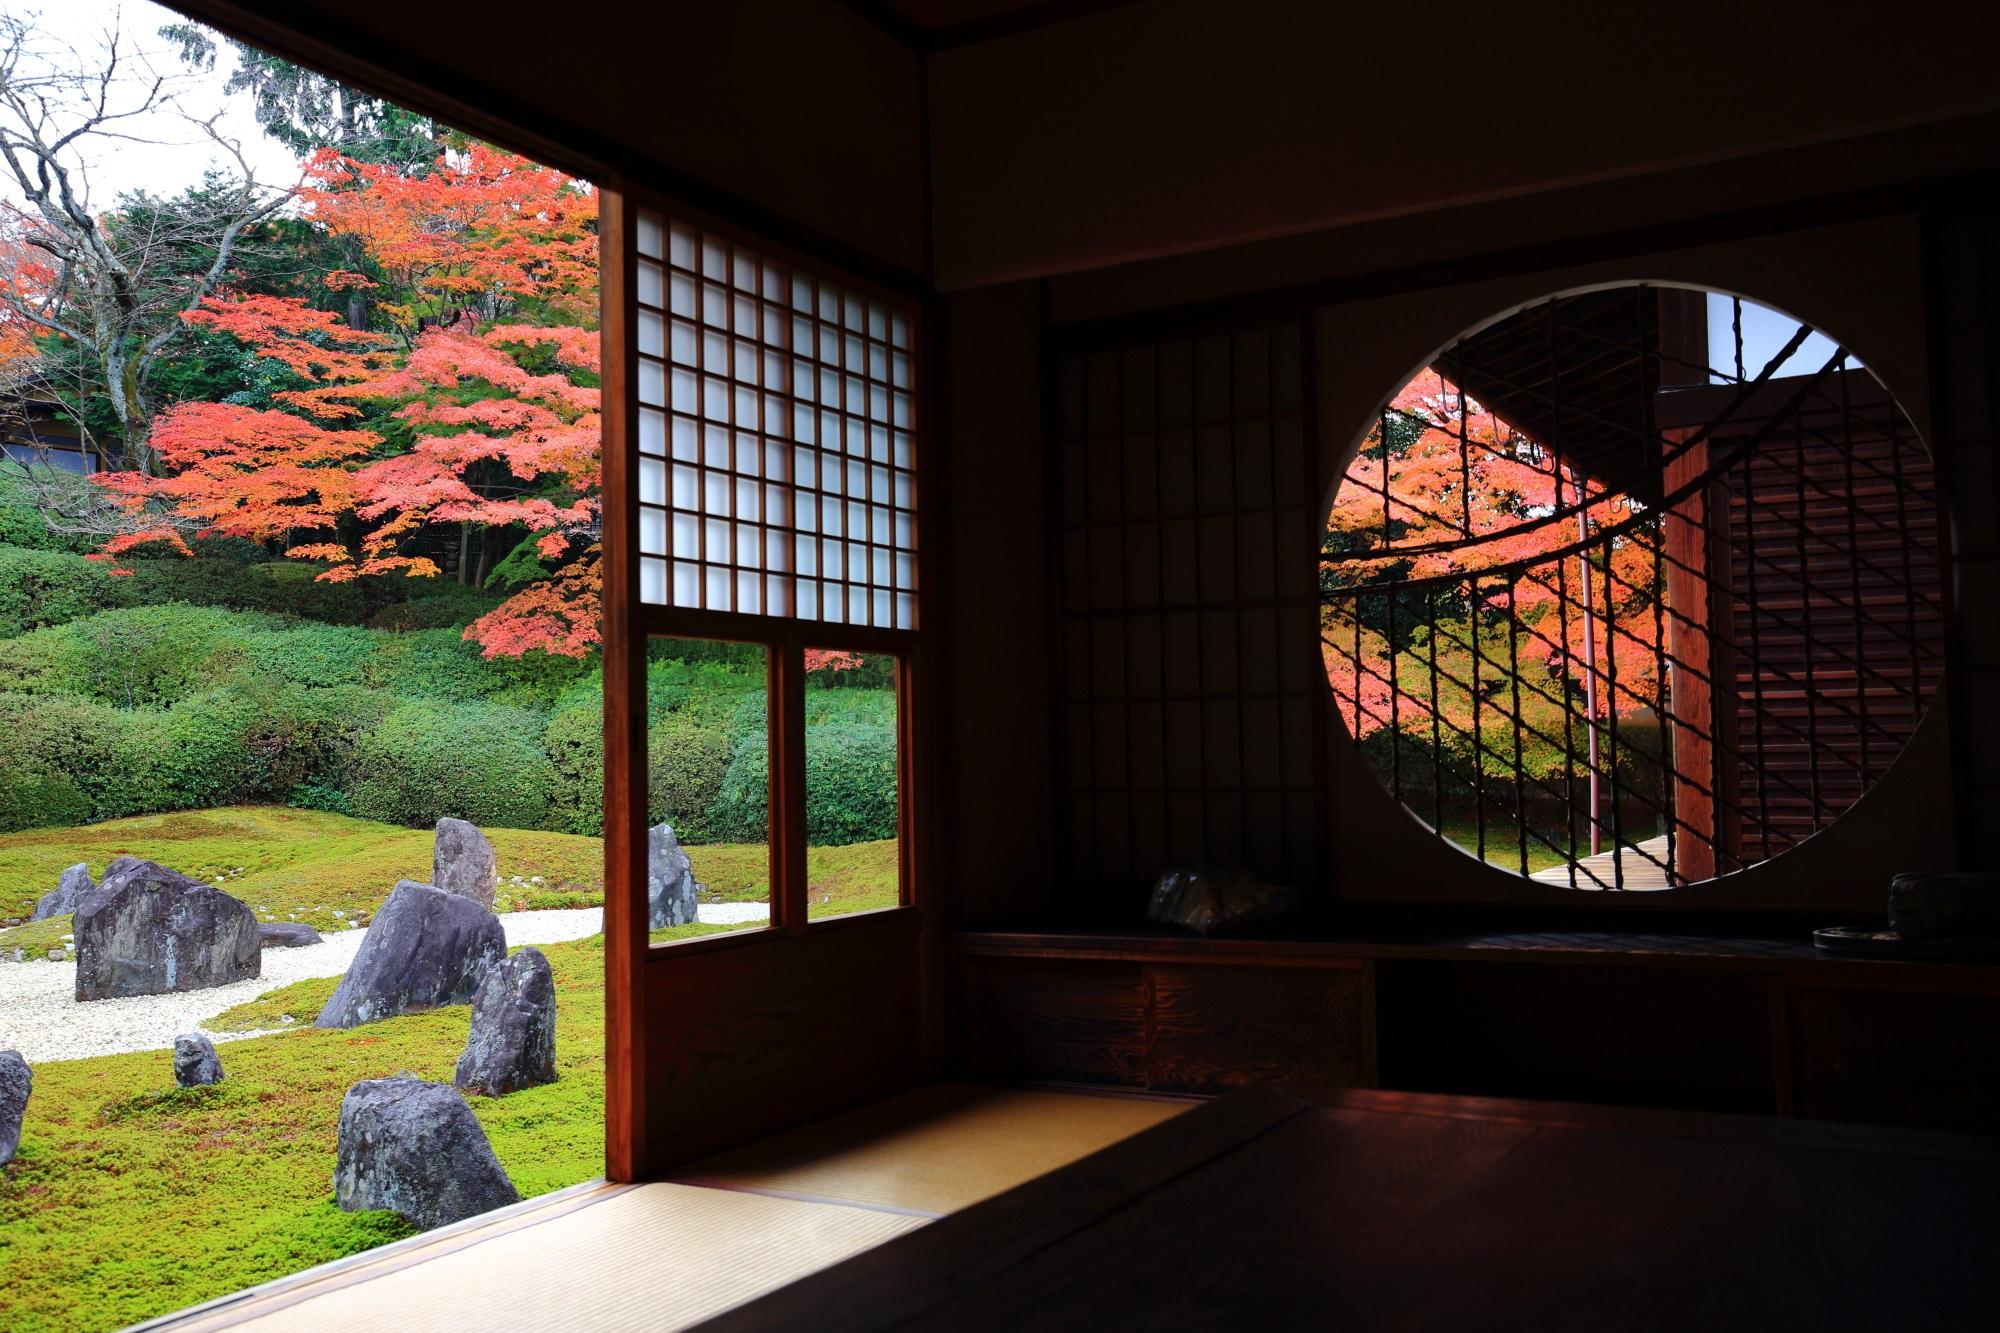 光明院の美しい波心庭の紅葉と丸い吉野窓